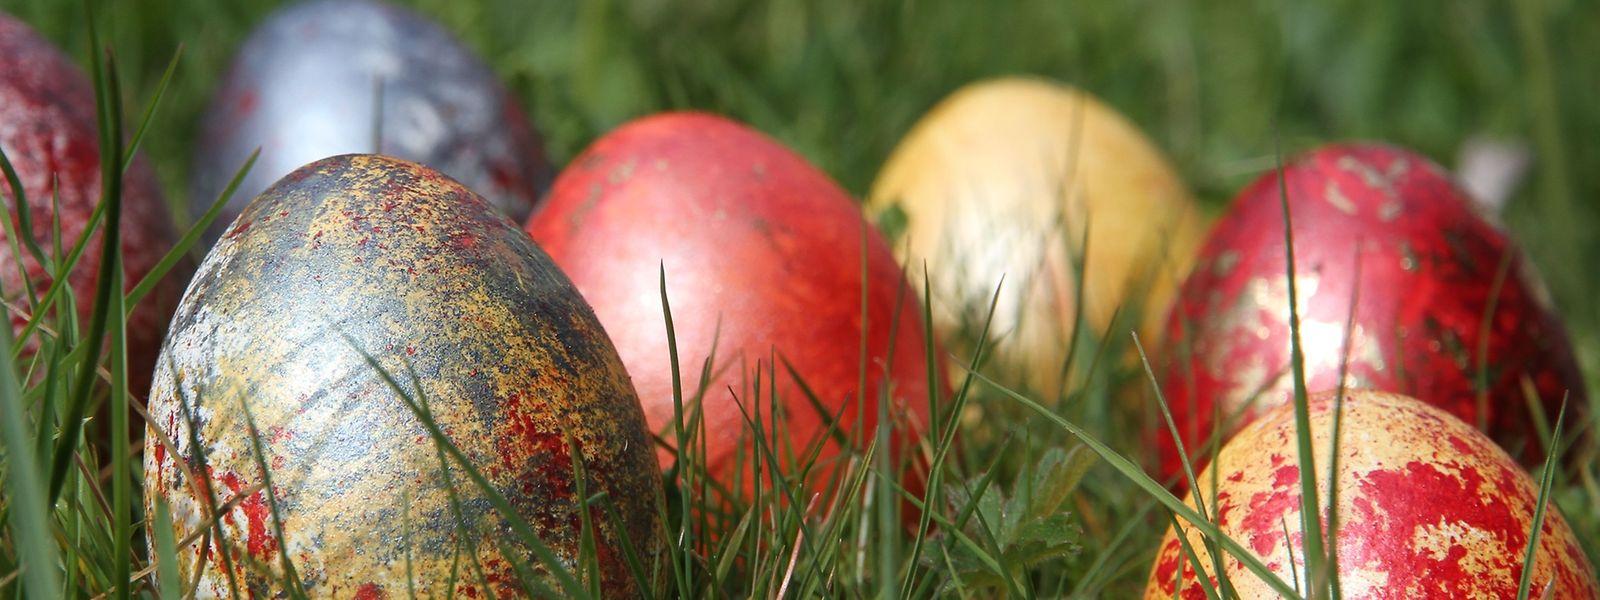 Wer Eier zu Ostern färben will, muss dafür nicht auf synthetische Farben zurückgreifen - im Garten lassen sich Alternativen finden.